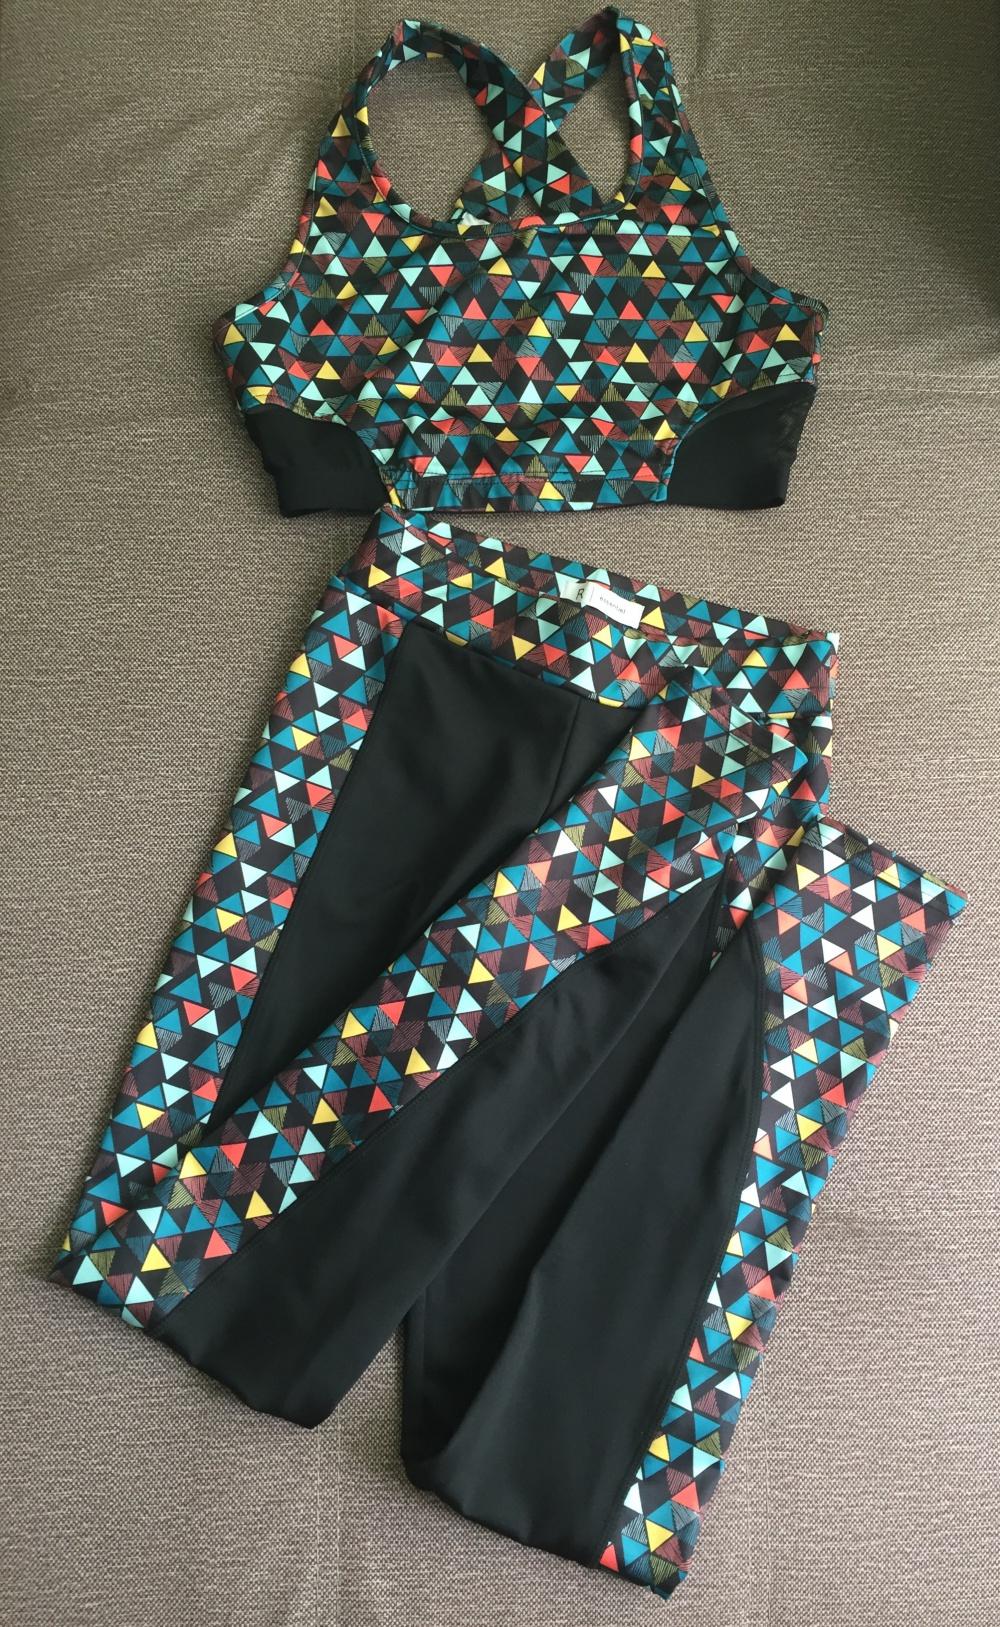 Спортивный костюм R Essentiel, размер 42-44